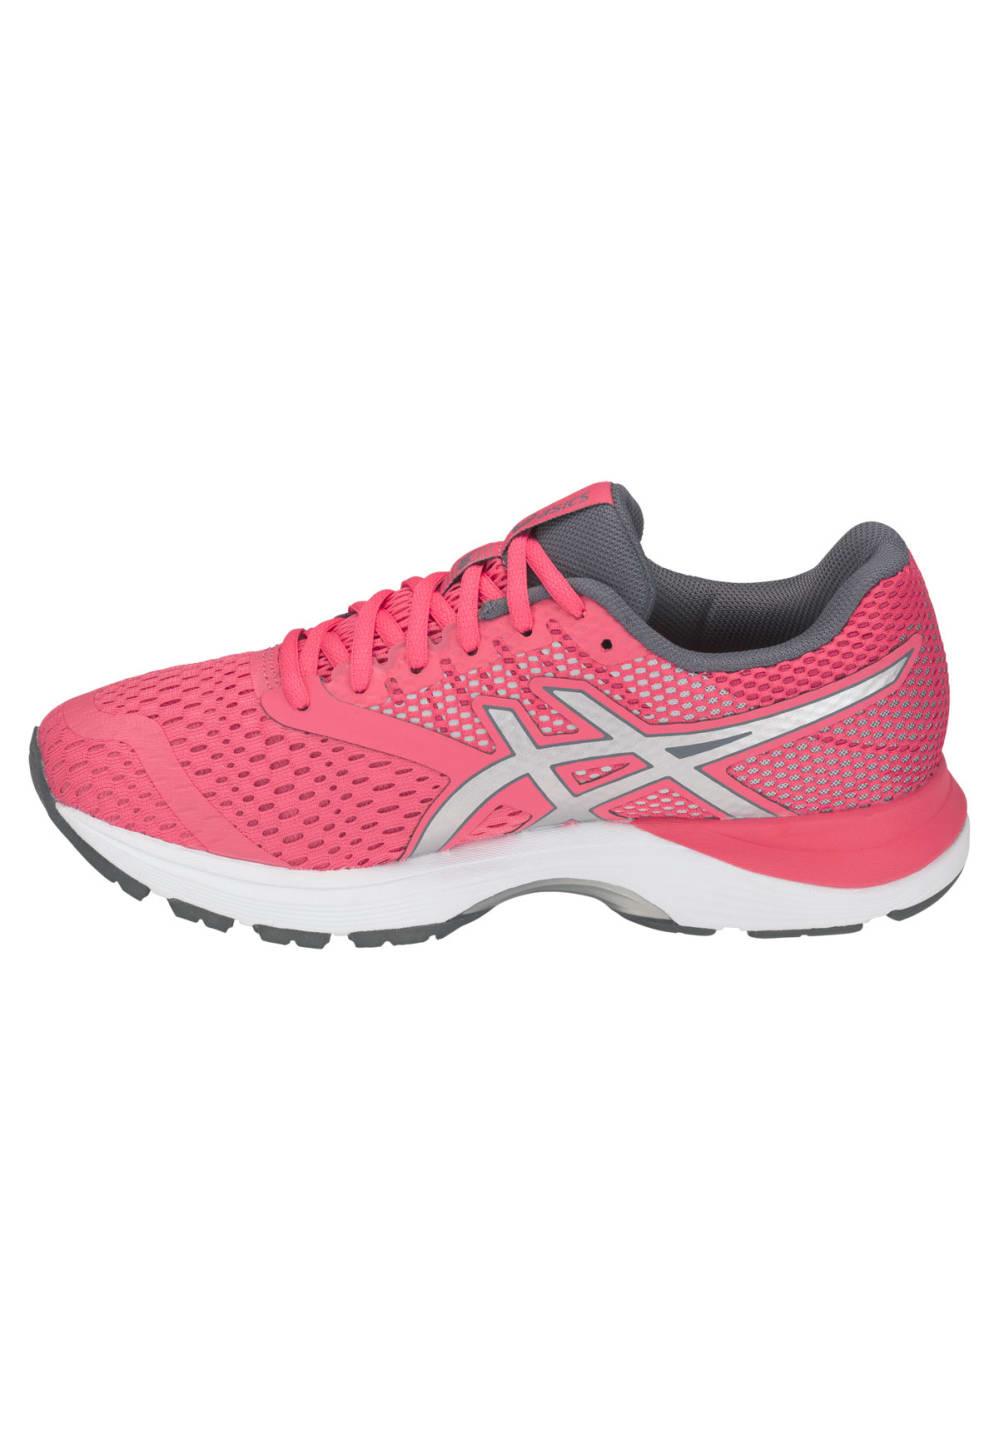 ASICS GEL-Pulse 10 - Laufschuhe für Damen - Pink